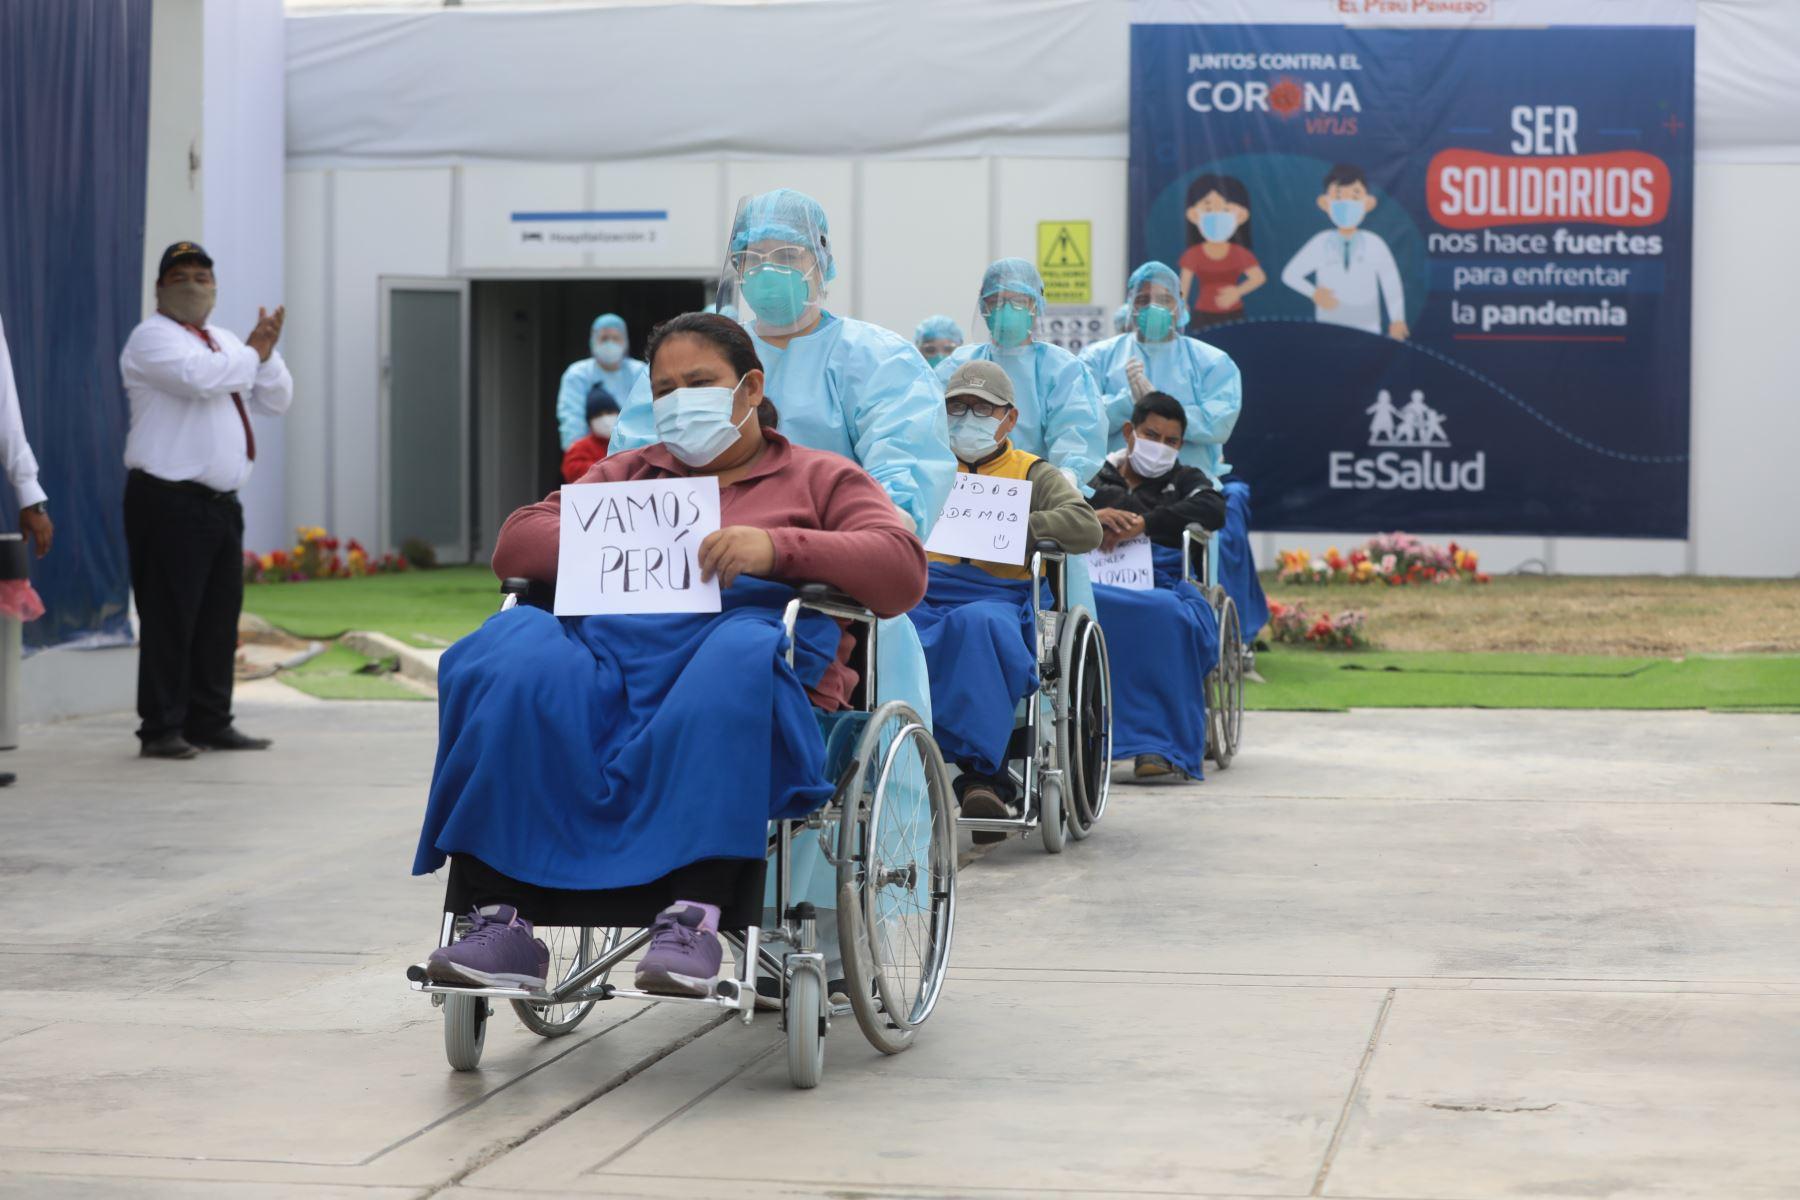 Perú es el segundo país de América Latina que ha realizado más pruebas contra el covid-19. Foto: ANDINA/Minsa